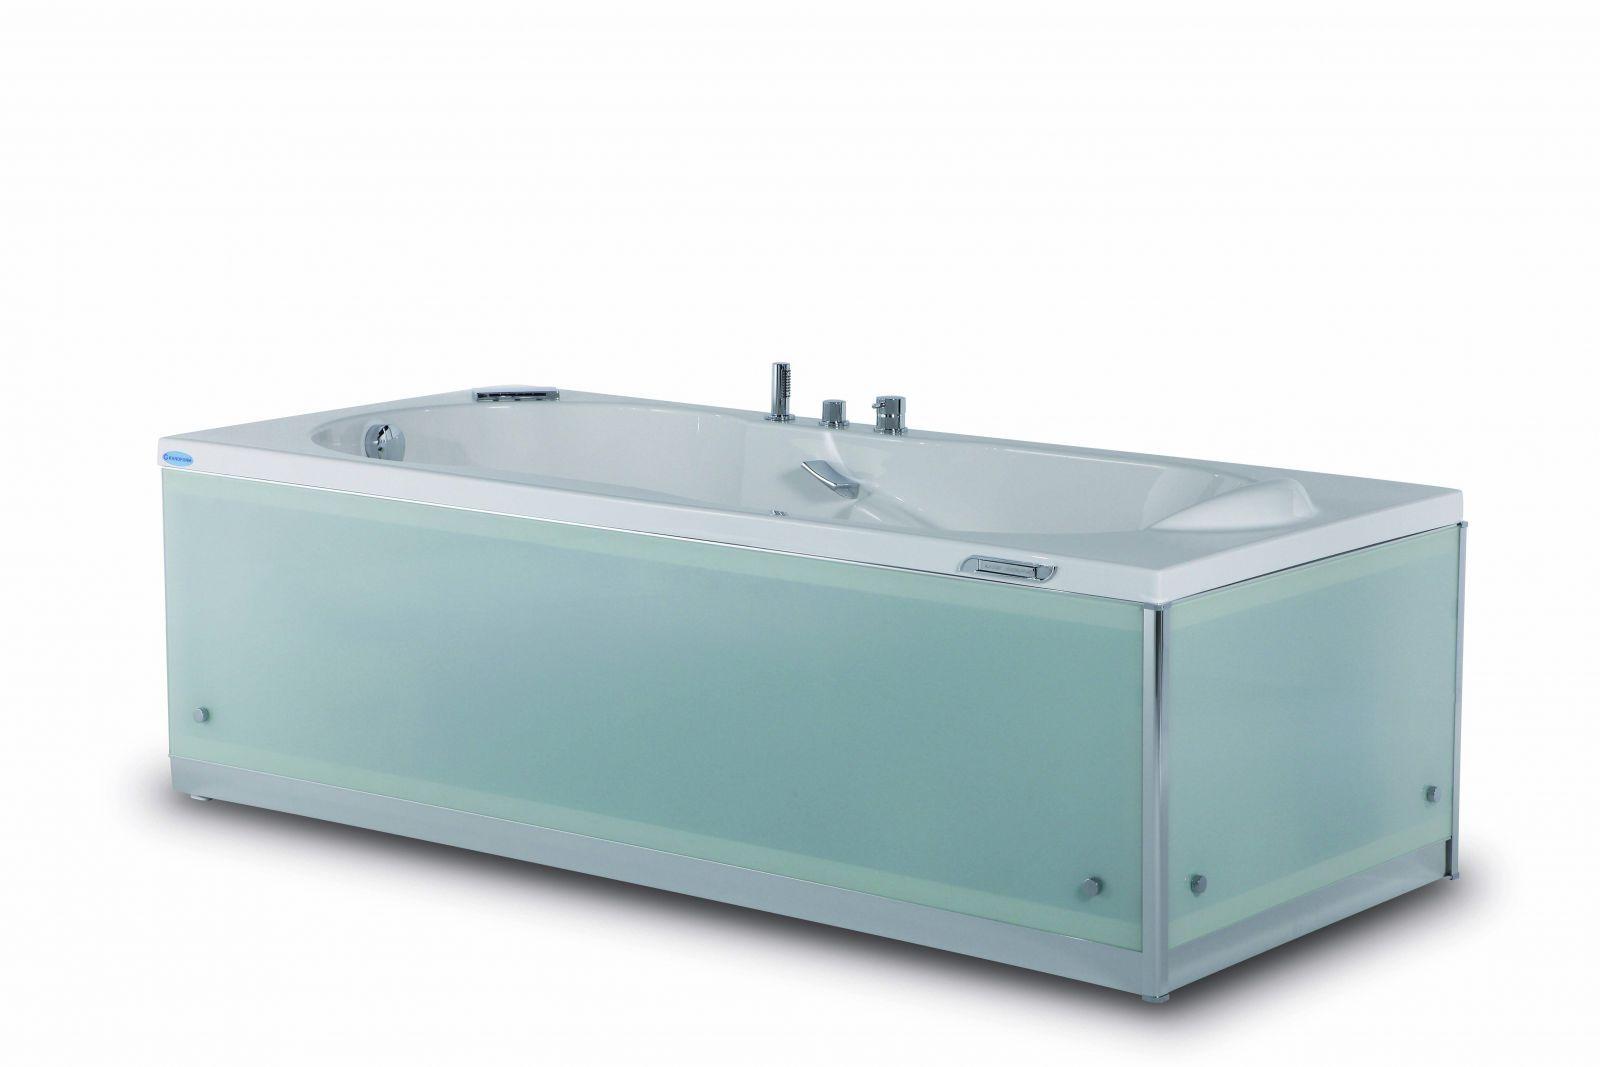 Vasca Da Bagno Quadrata Dimensioni : Dimensioni vasca da bagno standard. fabulous dimensioni vasca da